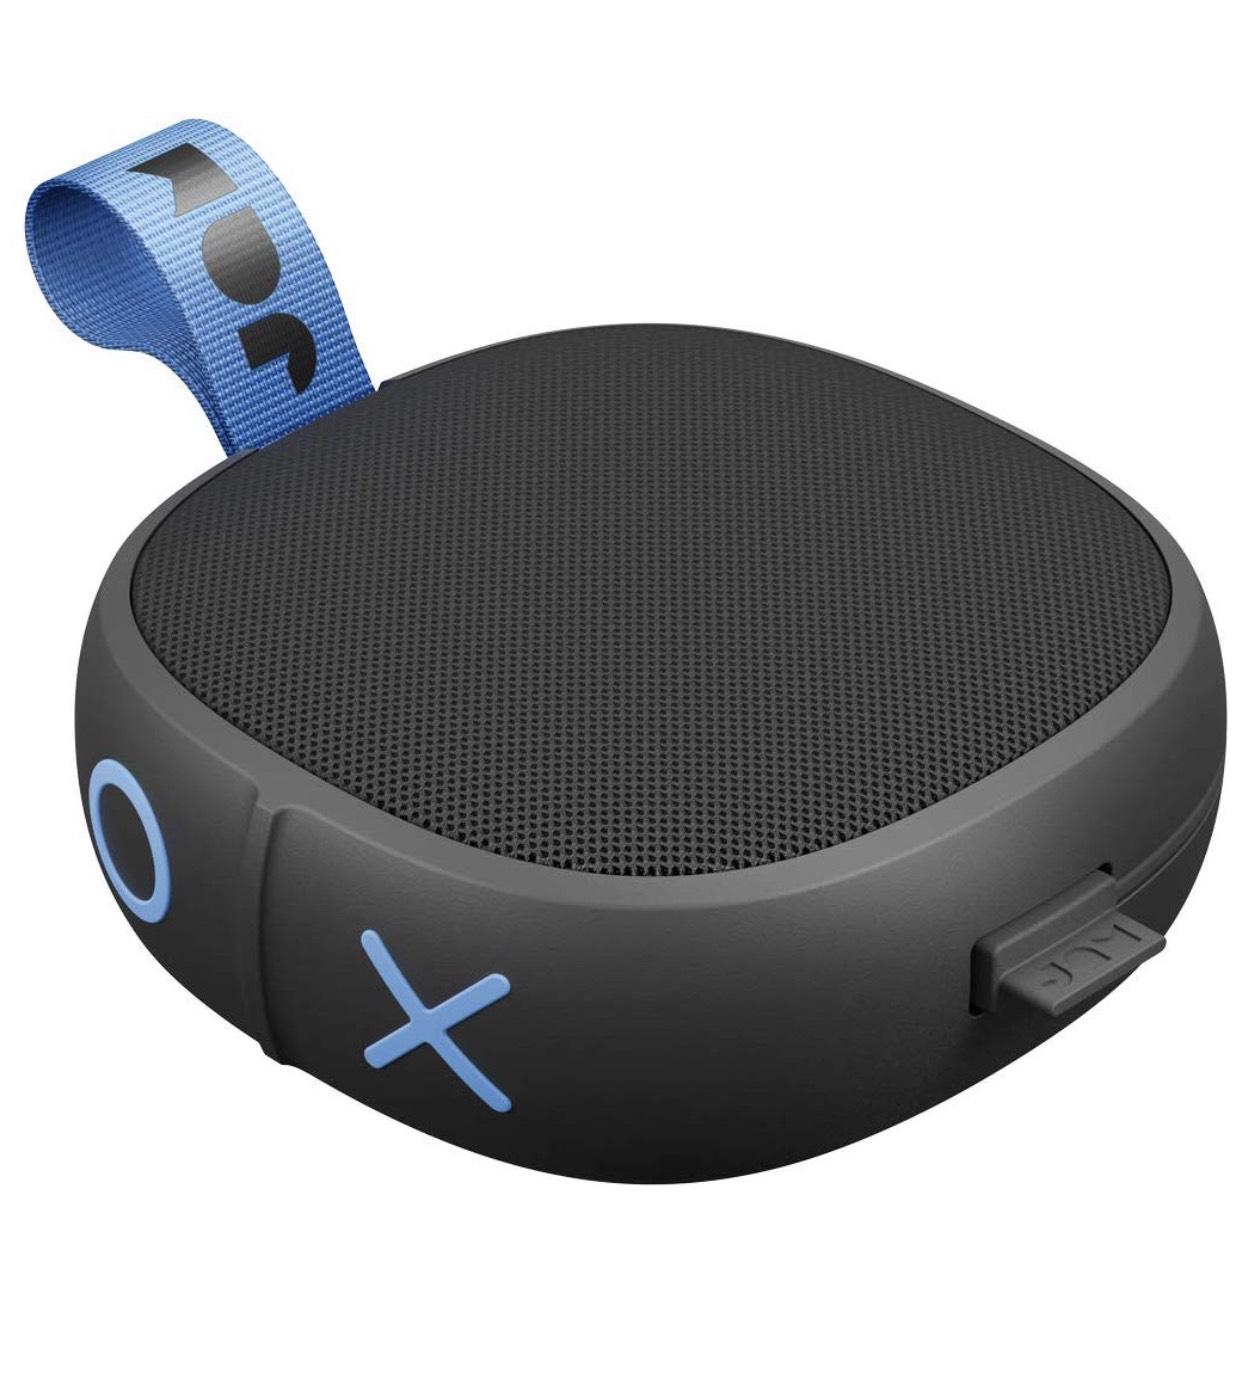 Jam Hang Up Bluetooth Lautsprecher mit Saugnapf für die Dusche in diversen Farben